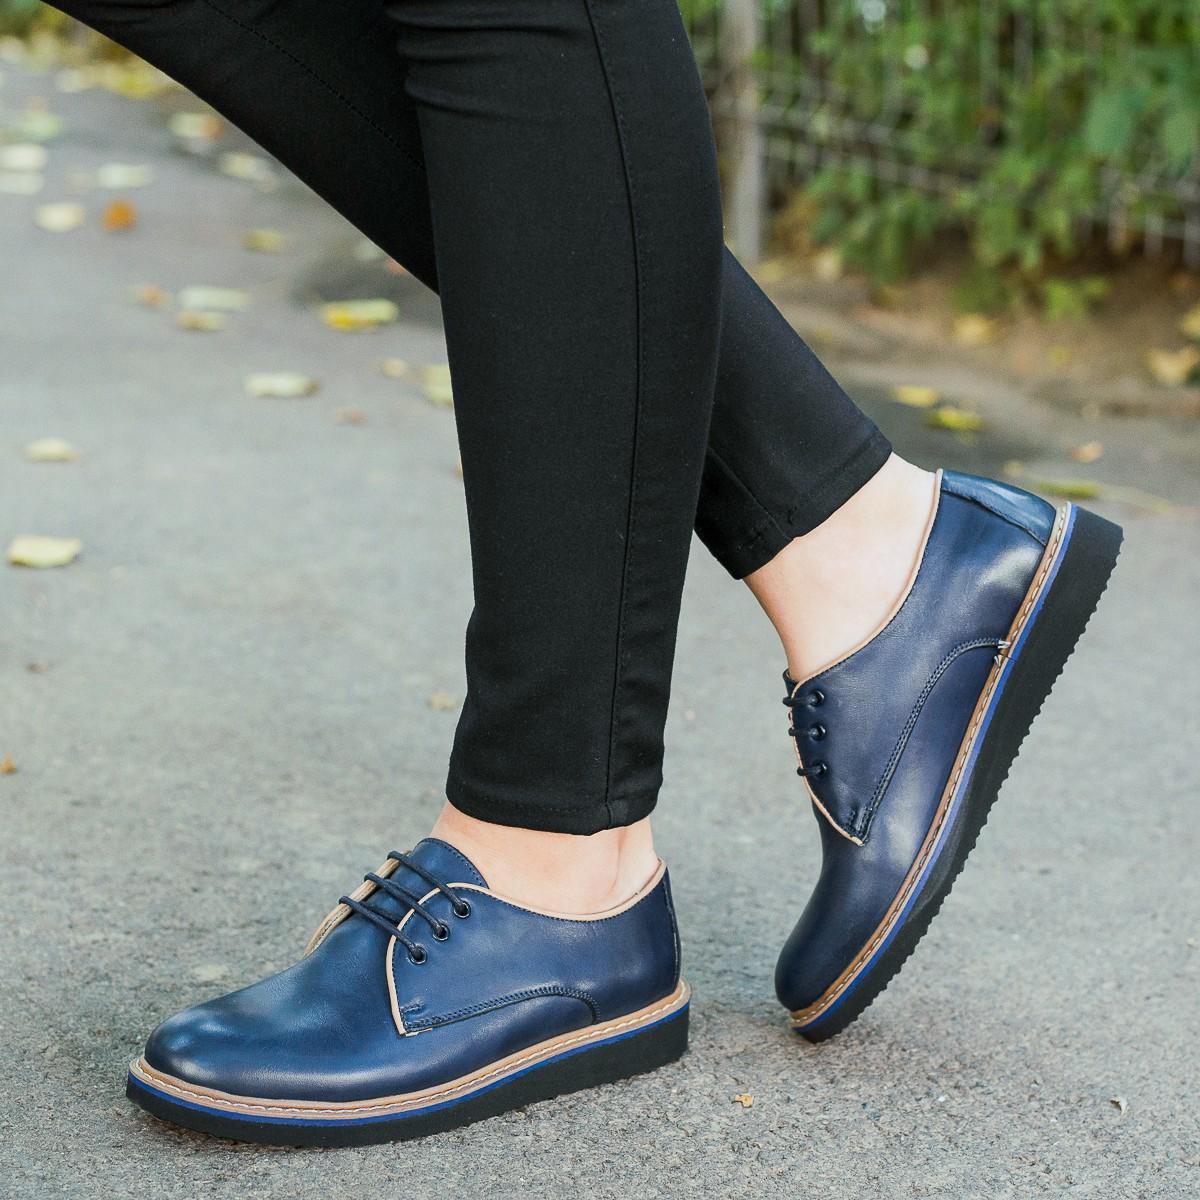 Cum se aleg pantofii de dama din piele naturala?